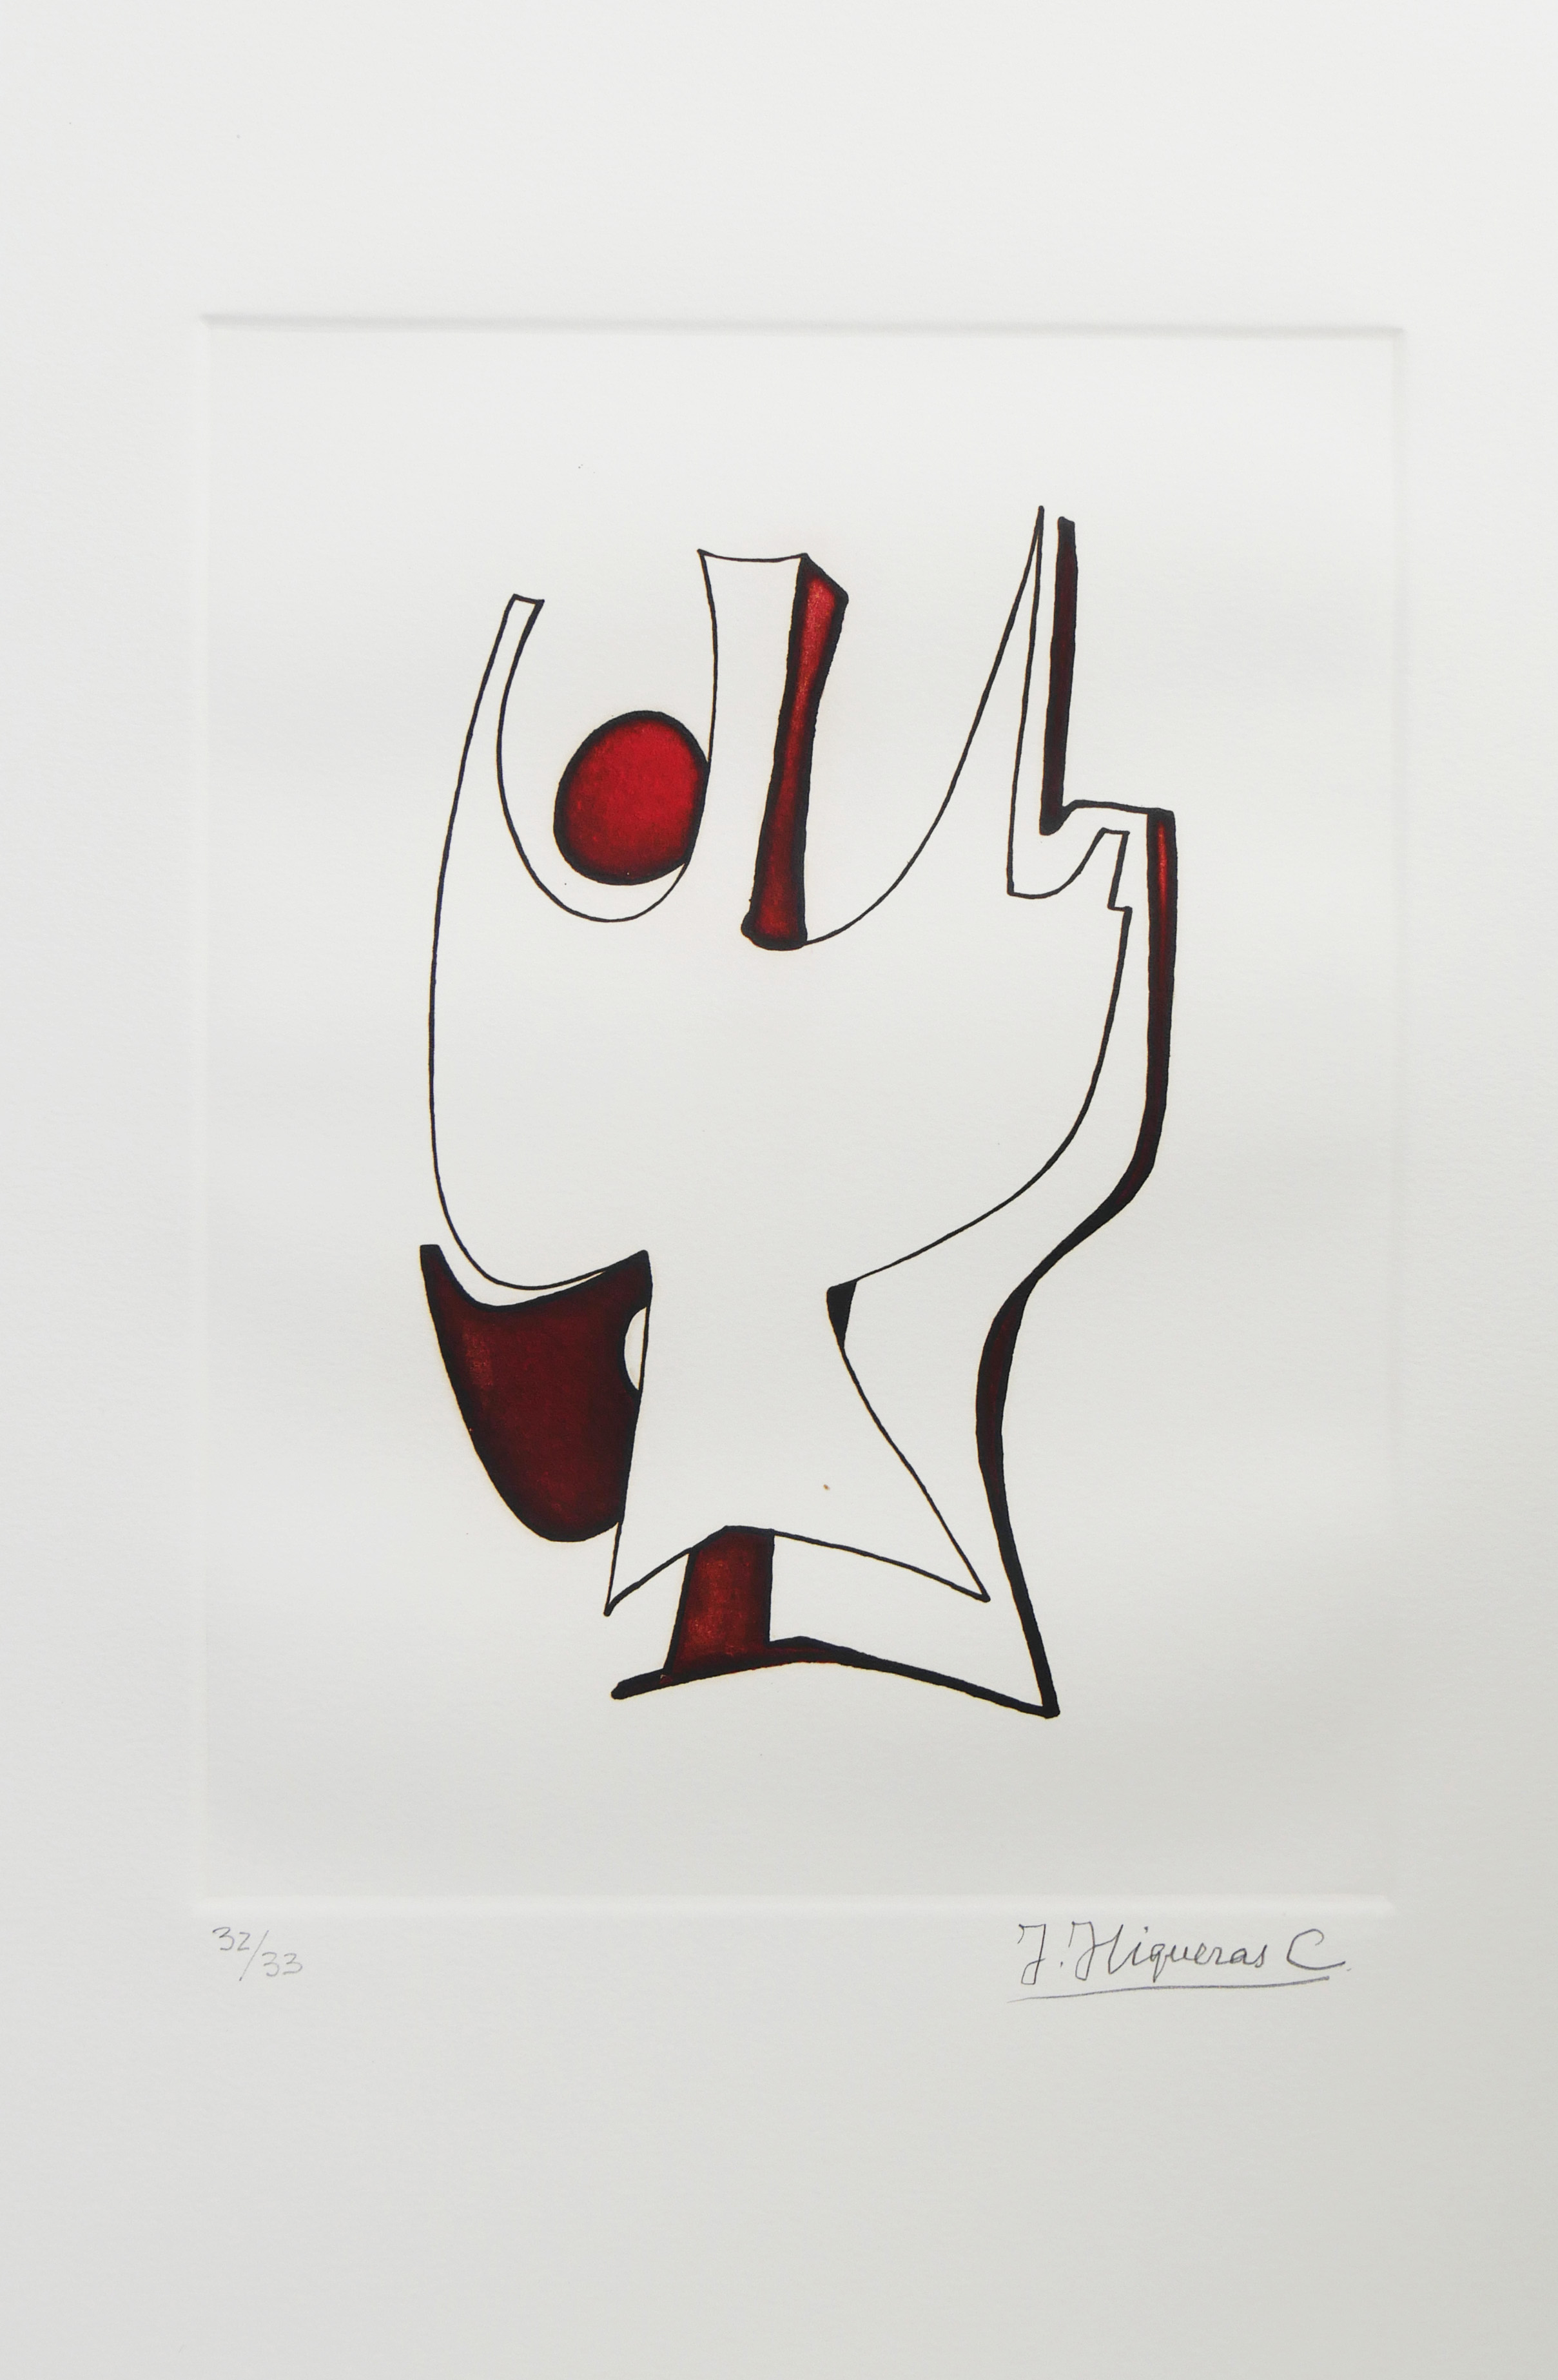 1976.5. Forma abstracta.34x24,5 cms. Flomaster en marrón y negro, sobre papel. Modelo para el grabado realizado por el grabador Pavel Albert en 2004. 1976